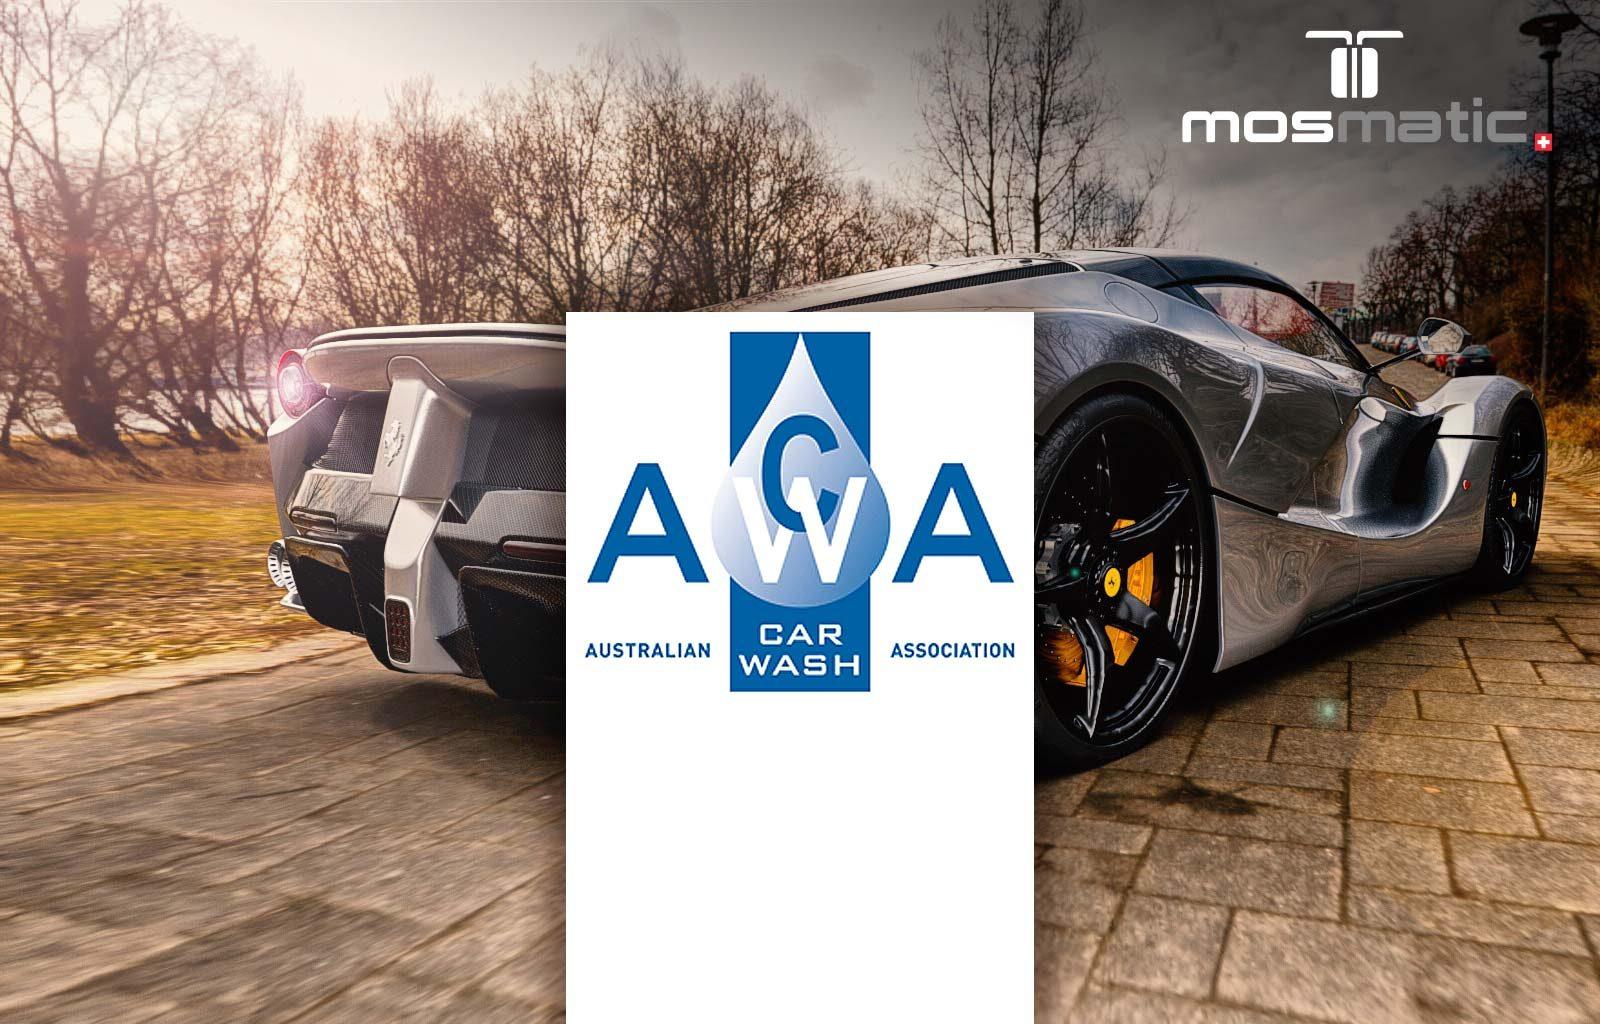 ACWA Exhibition Mosmatic